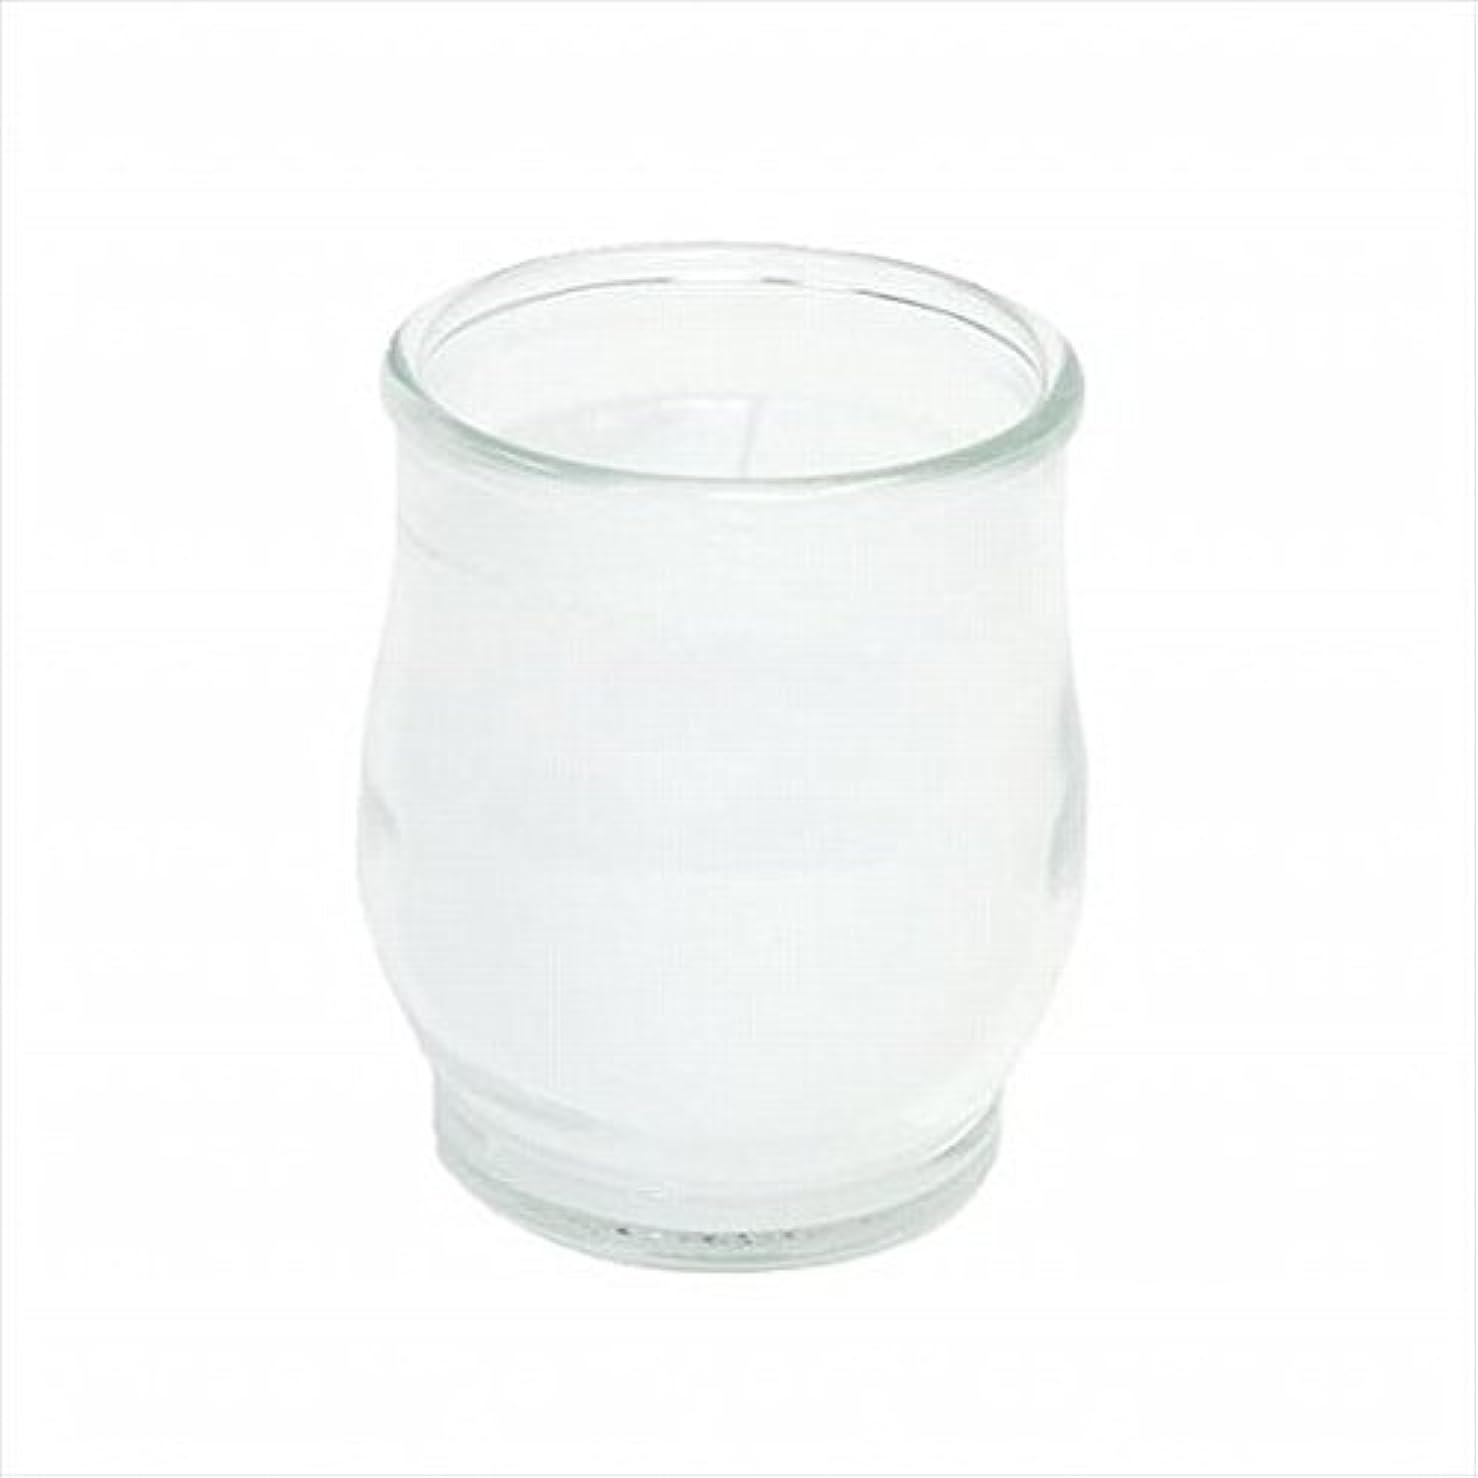 カタログ怒るそれぞれkameyama candle(カメヤマキャンドル) ポシェ(非常用コップローソク) 「 クリア 」 キャンドル 68x68x80mm (73020000C)